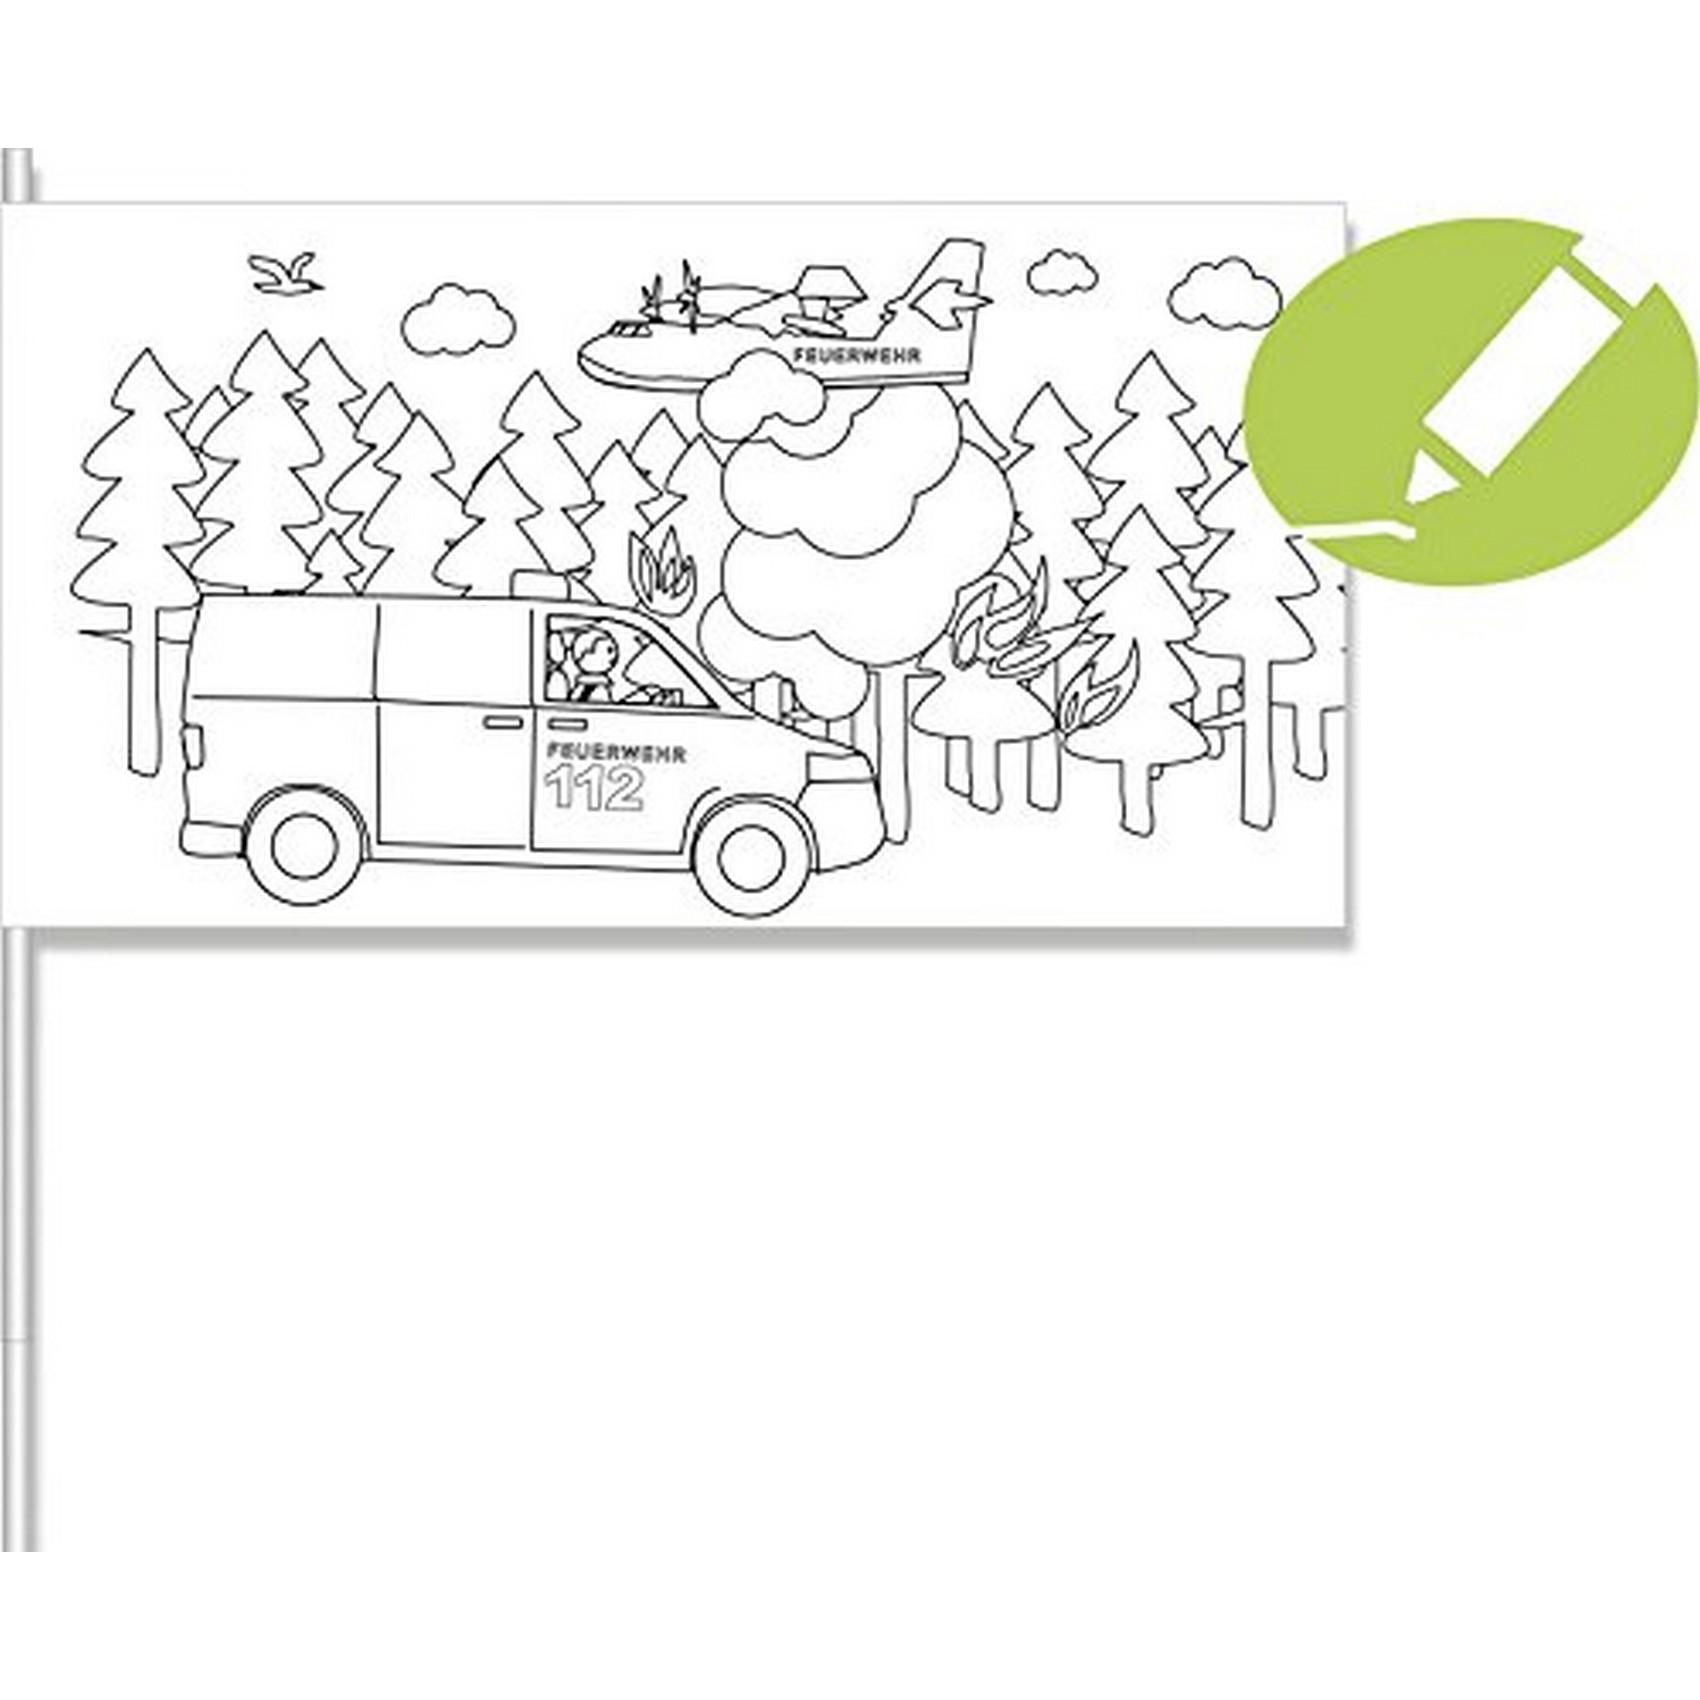 DH 502051 - Geburtstag & Party - Feuerwehr Fahne zum Ausmalen, 8 Stk ...